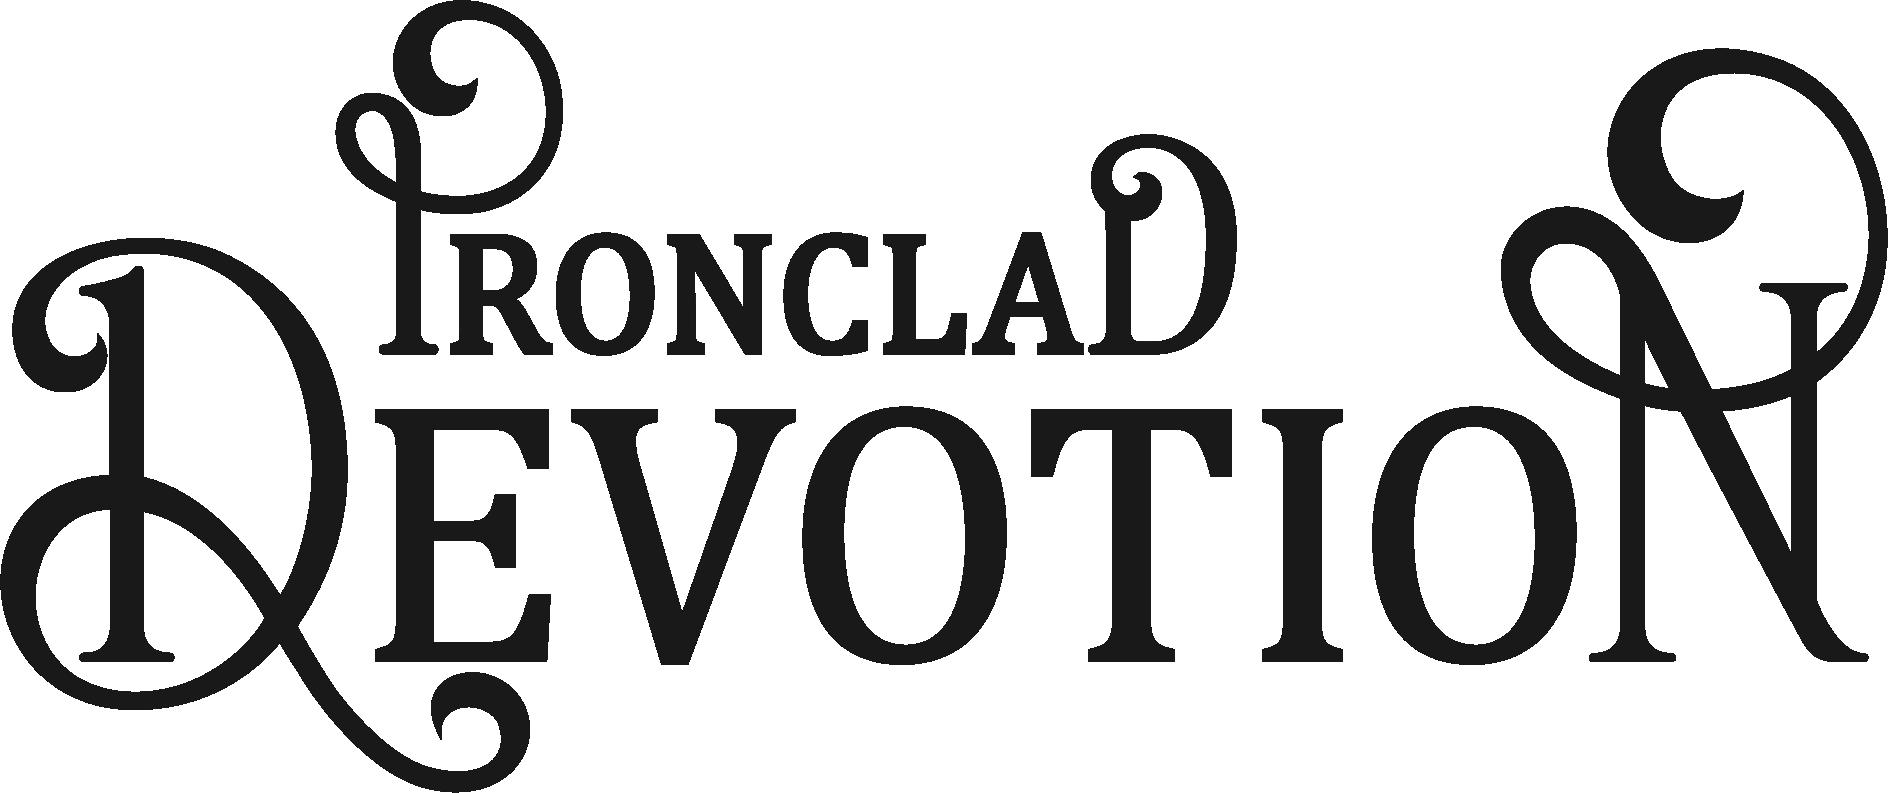 Ironclad Devotion Title